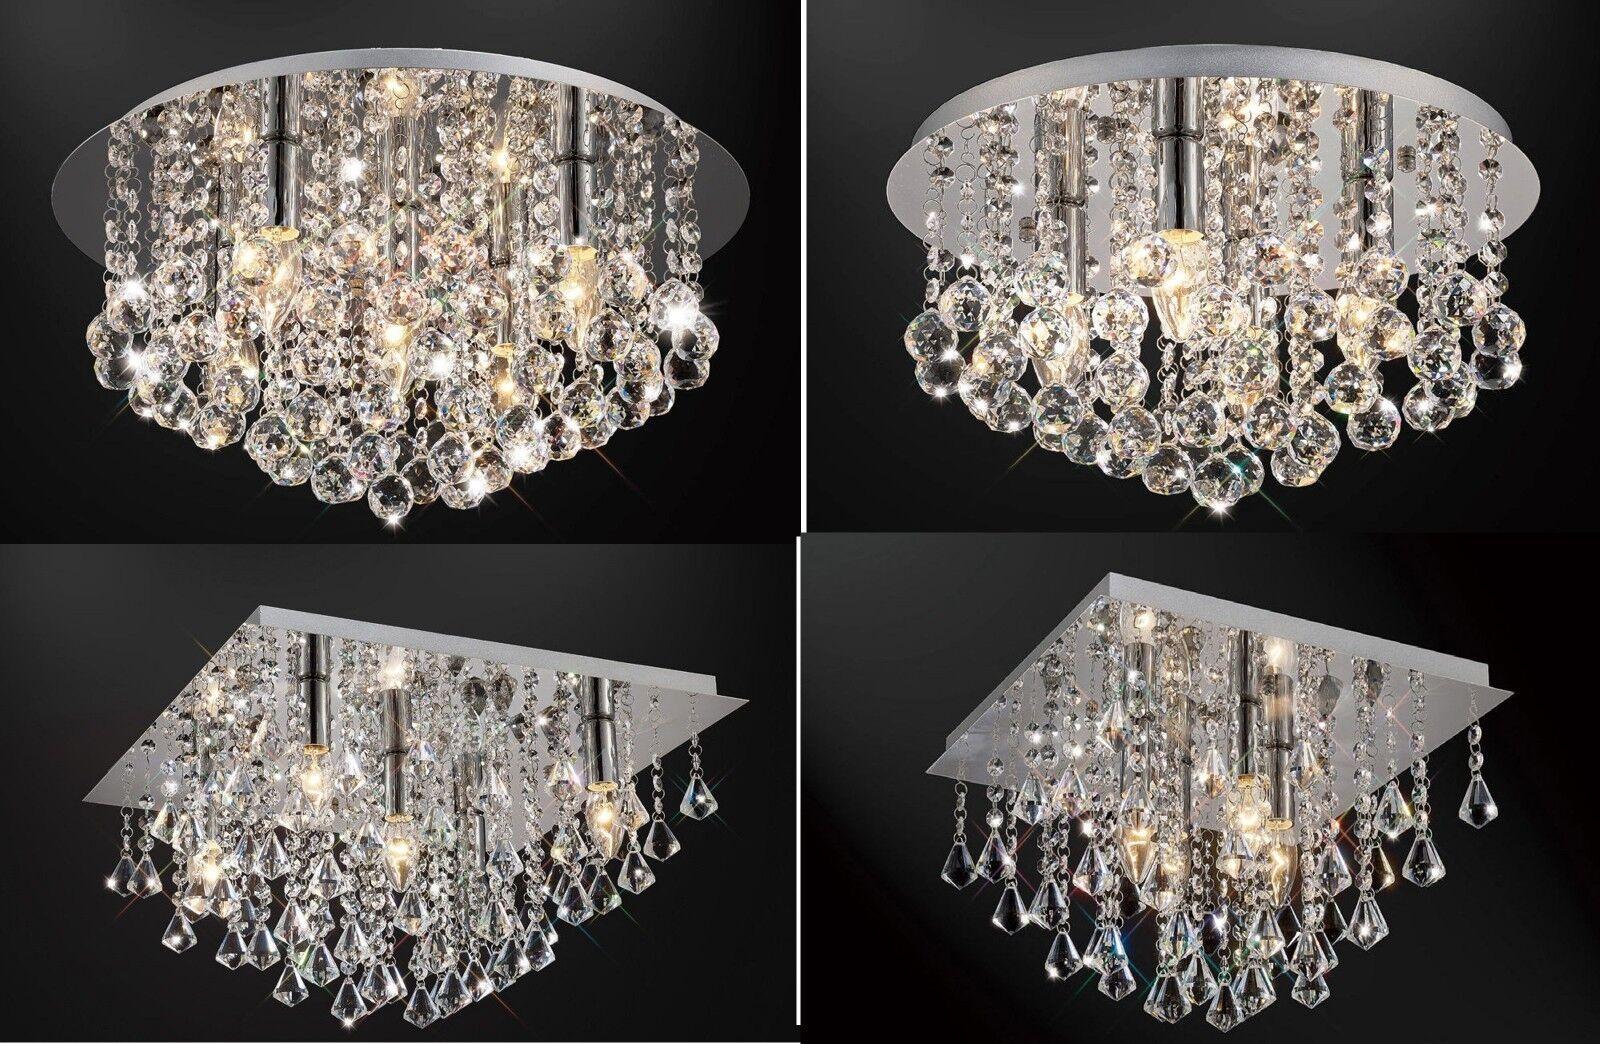 Véritable verre cristal neuf goutte pendentif lustre flush plafonnier neuf cristal 120a7f